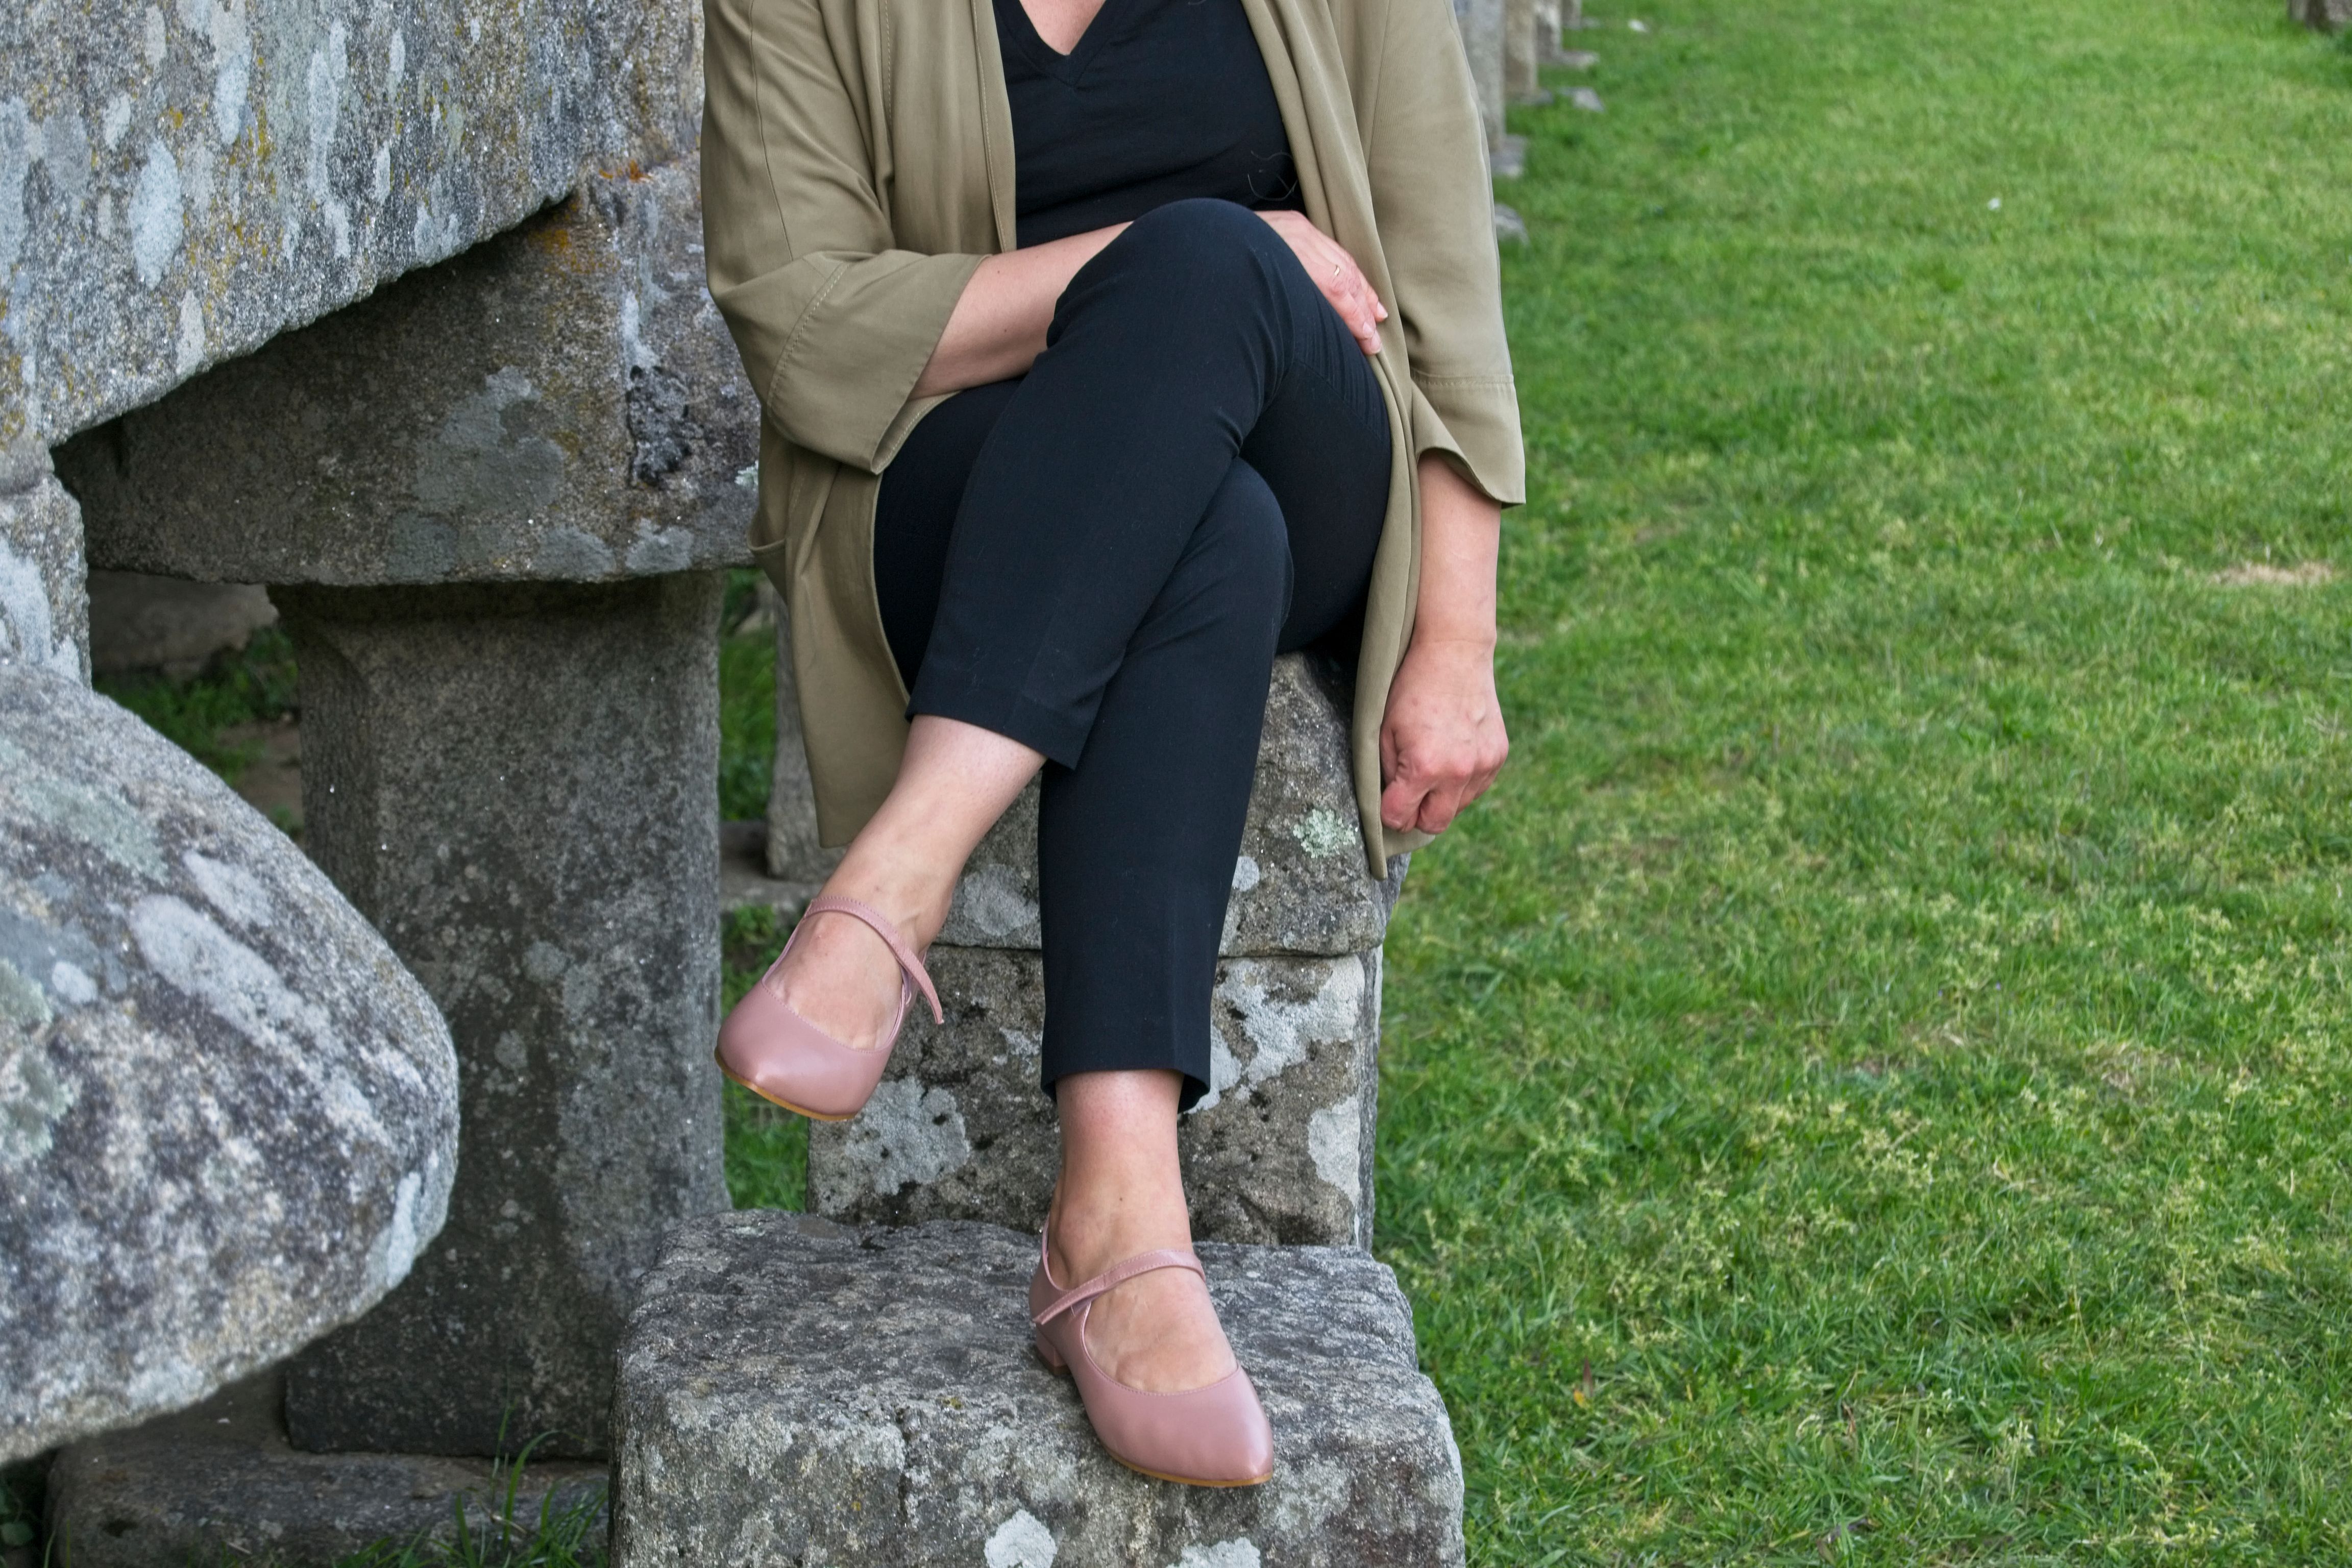 Mary Jane Audrey nude de Bohemian Shoes y pantalón negro